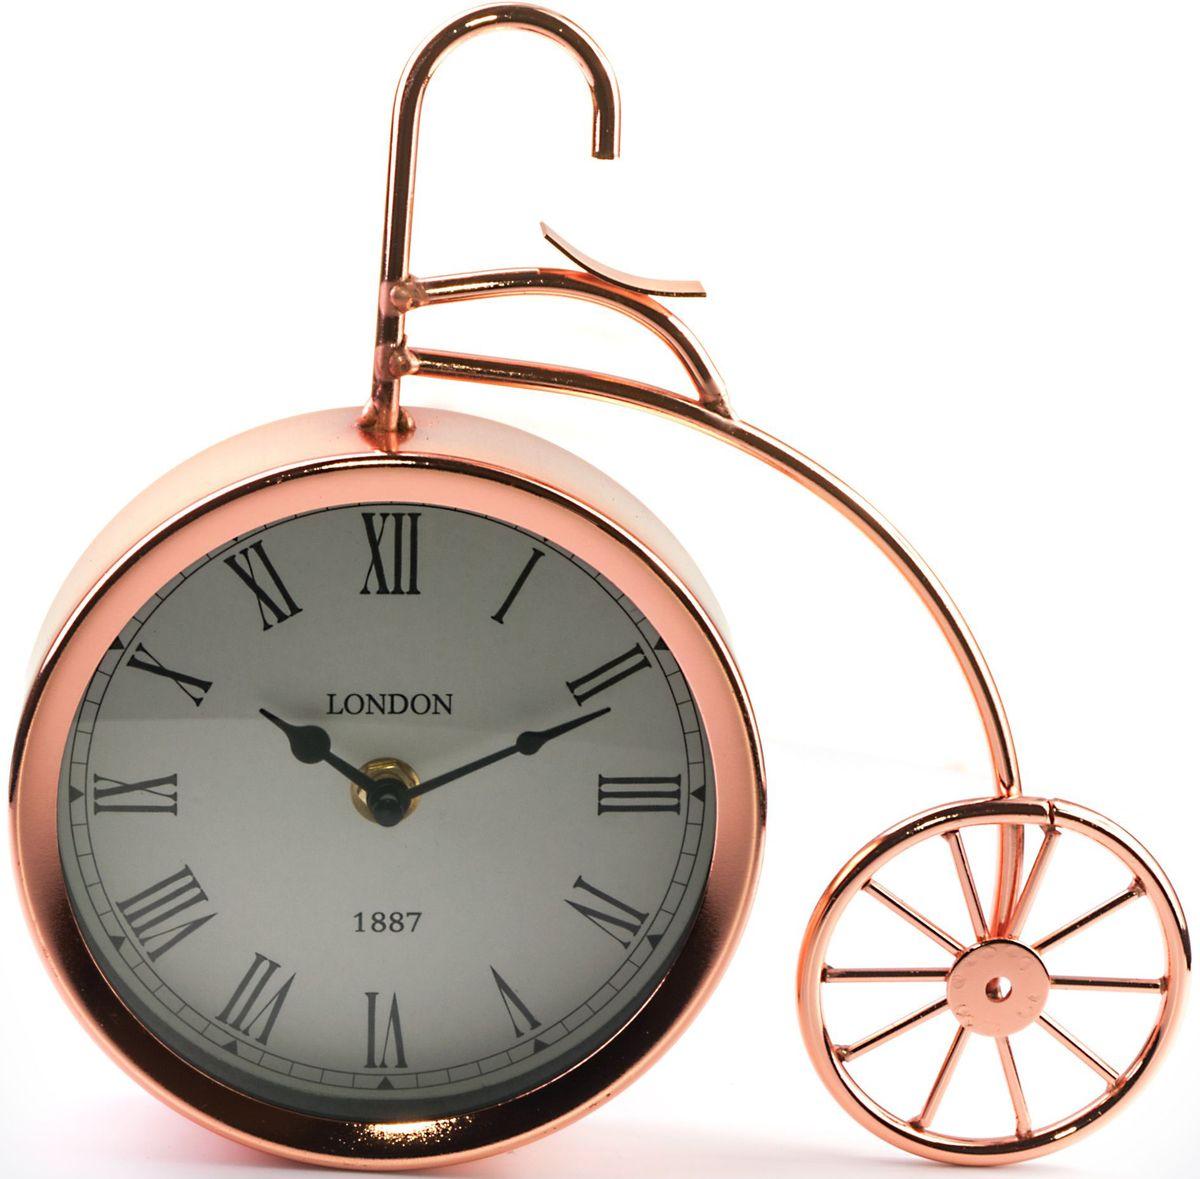 Часы настольные Miralight Велосипед, цвет: медныйML-5379 Copper Часы настольные Велосипед медный большойНастольные часы Miralight Велосипед, изготовленные из металла, прекрасно украсят интерьер вашего помещения. Часы выполнены в виде старинного двухколесного велосипеда. Циферблат круглой формы имеет две стилизованные фигурные стрелки: часовую и минутную и элегантные римские цифры. Питание осуществляется от одной батарейки типа АА (не входит в комплект).Оформите свой дом таким интерьерным аксессуаром или преподнесите его в качестве презента друзьям, и они оценят ваш оригинальный вкус инеординарность подарка.